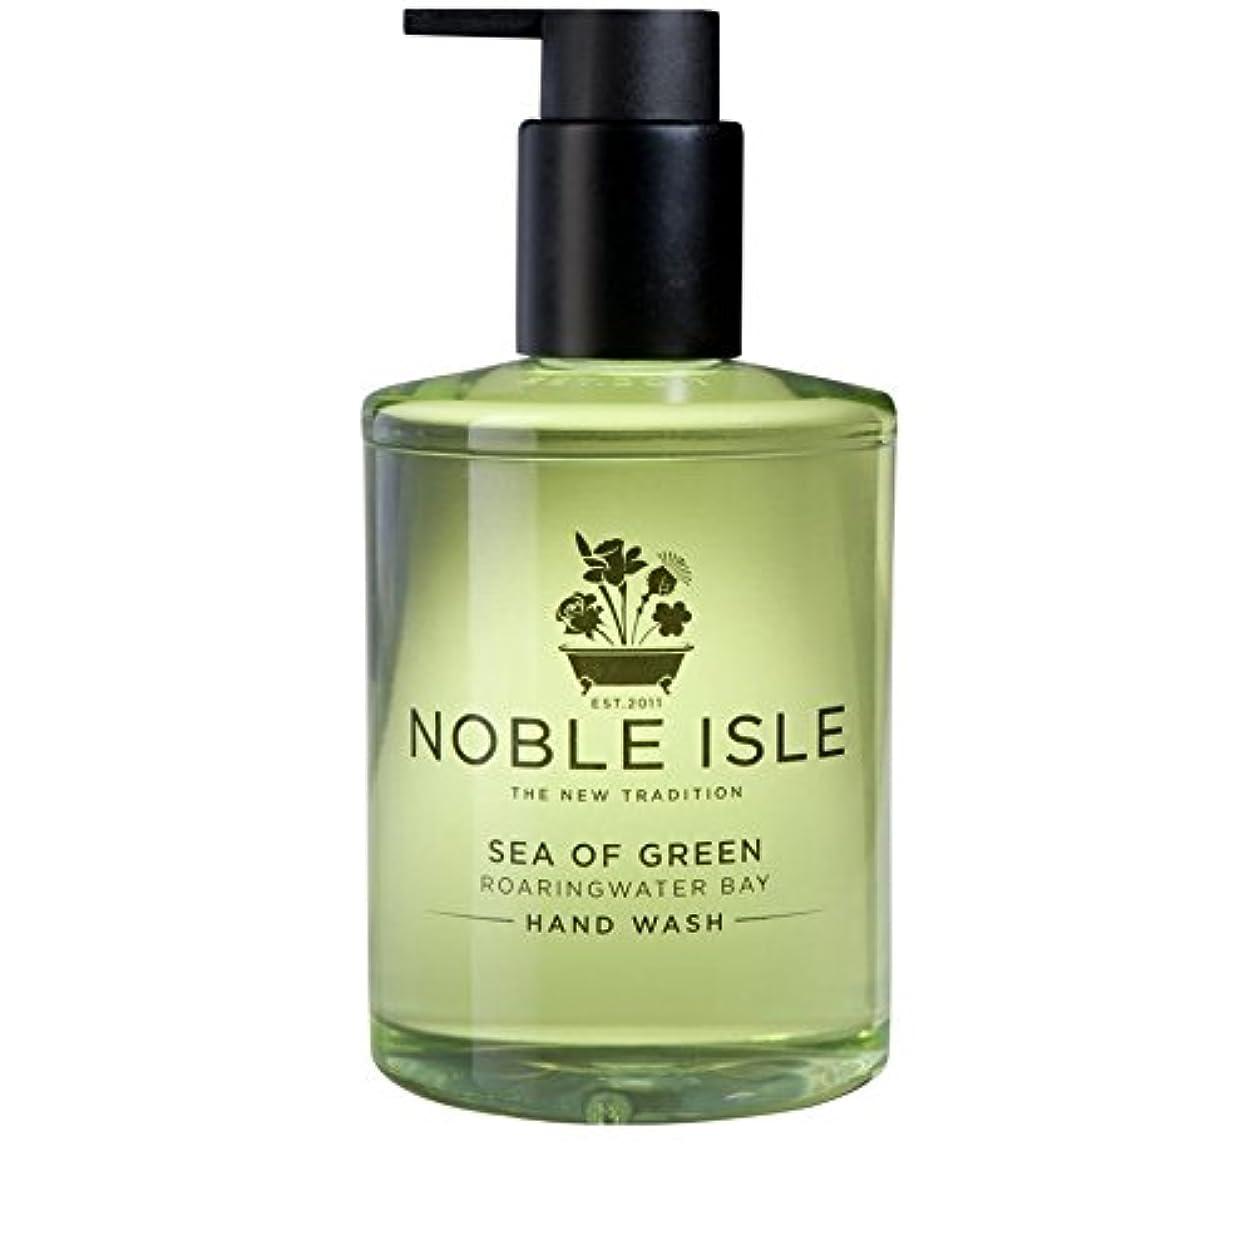 無人倉庫幻想的Noble Isle Sea of Green Roaringwater Bay Hand Wash 250ml (Pack of 6) - 緑ベイハンドウォッシュ250ミリリットルの高貴な島の海 x6 [並行輸入品]